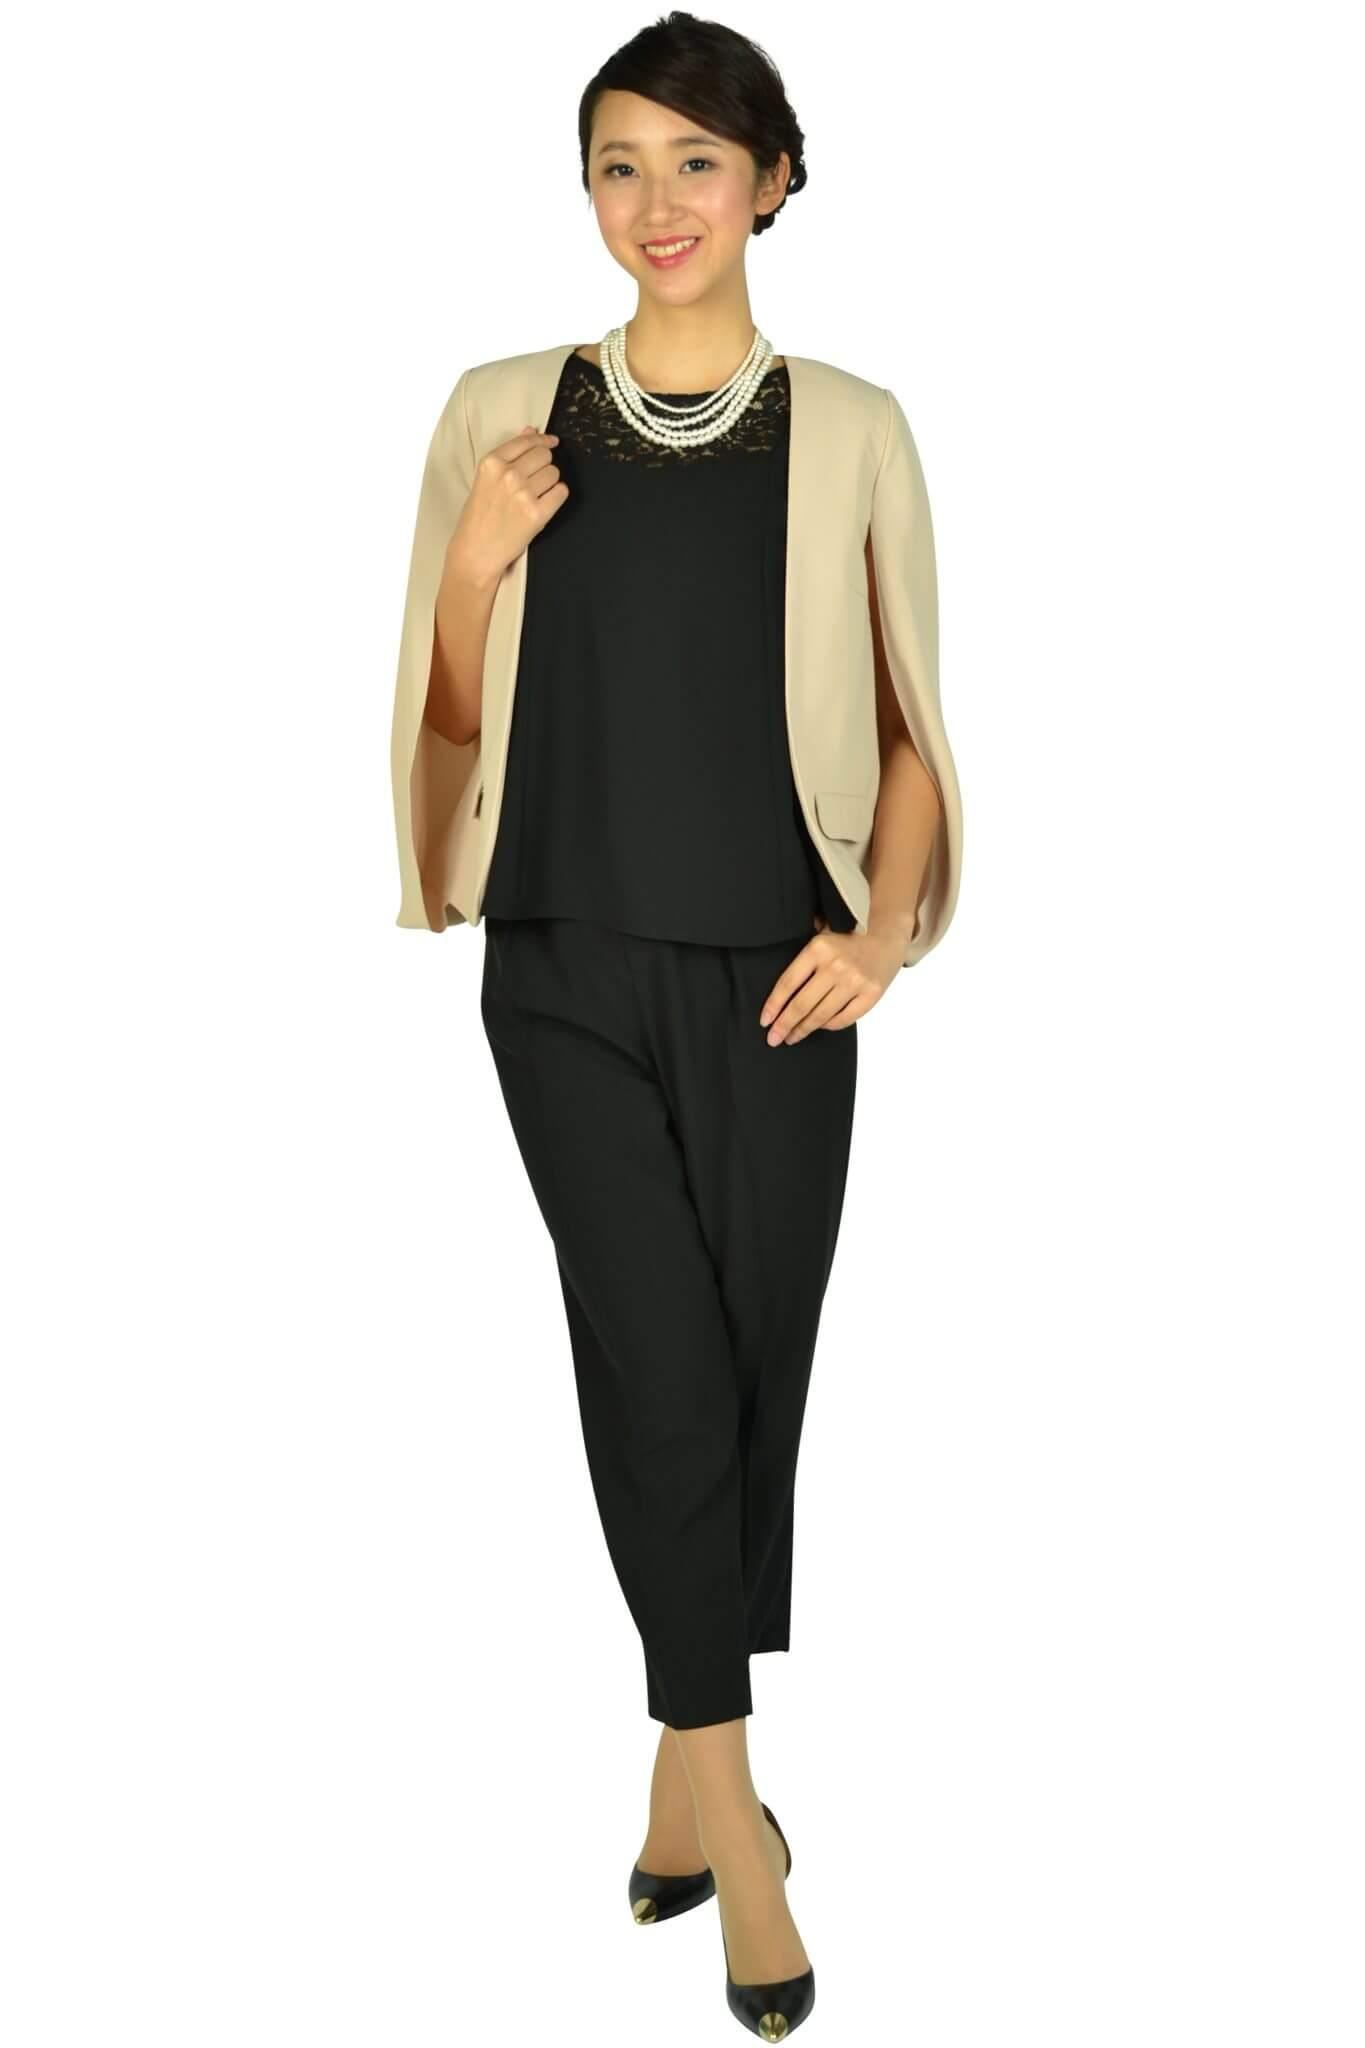 リプリート(REPLETE) フレア袖ブラックパンツドレスセット